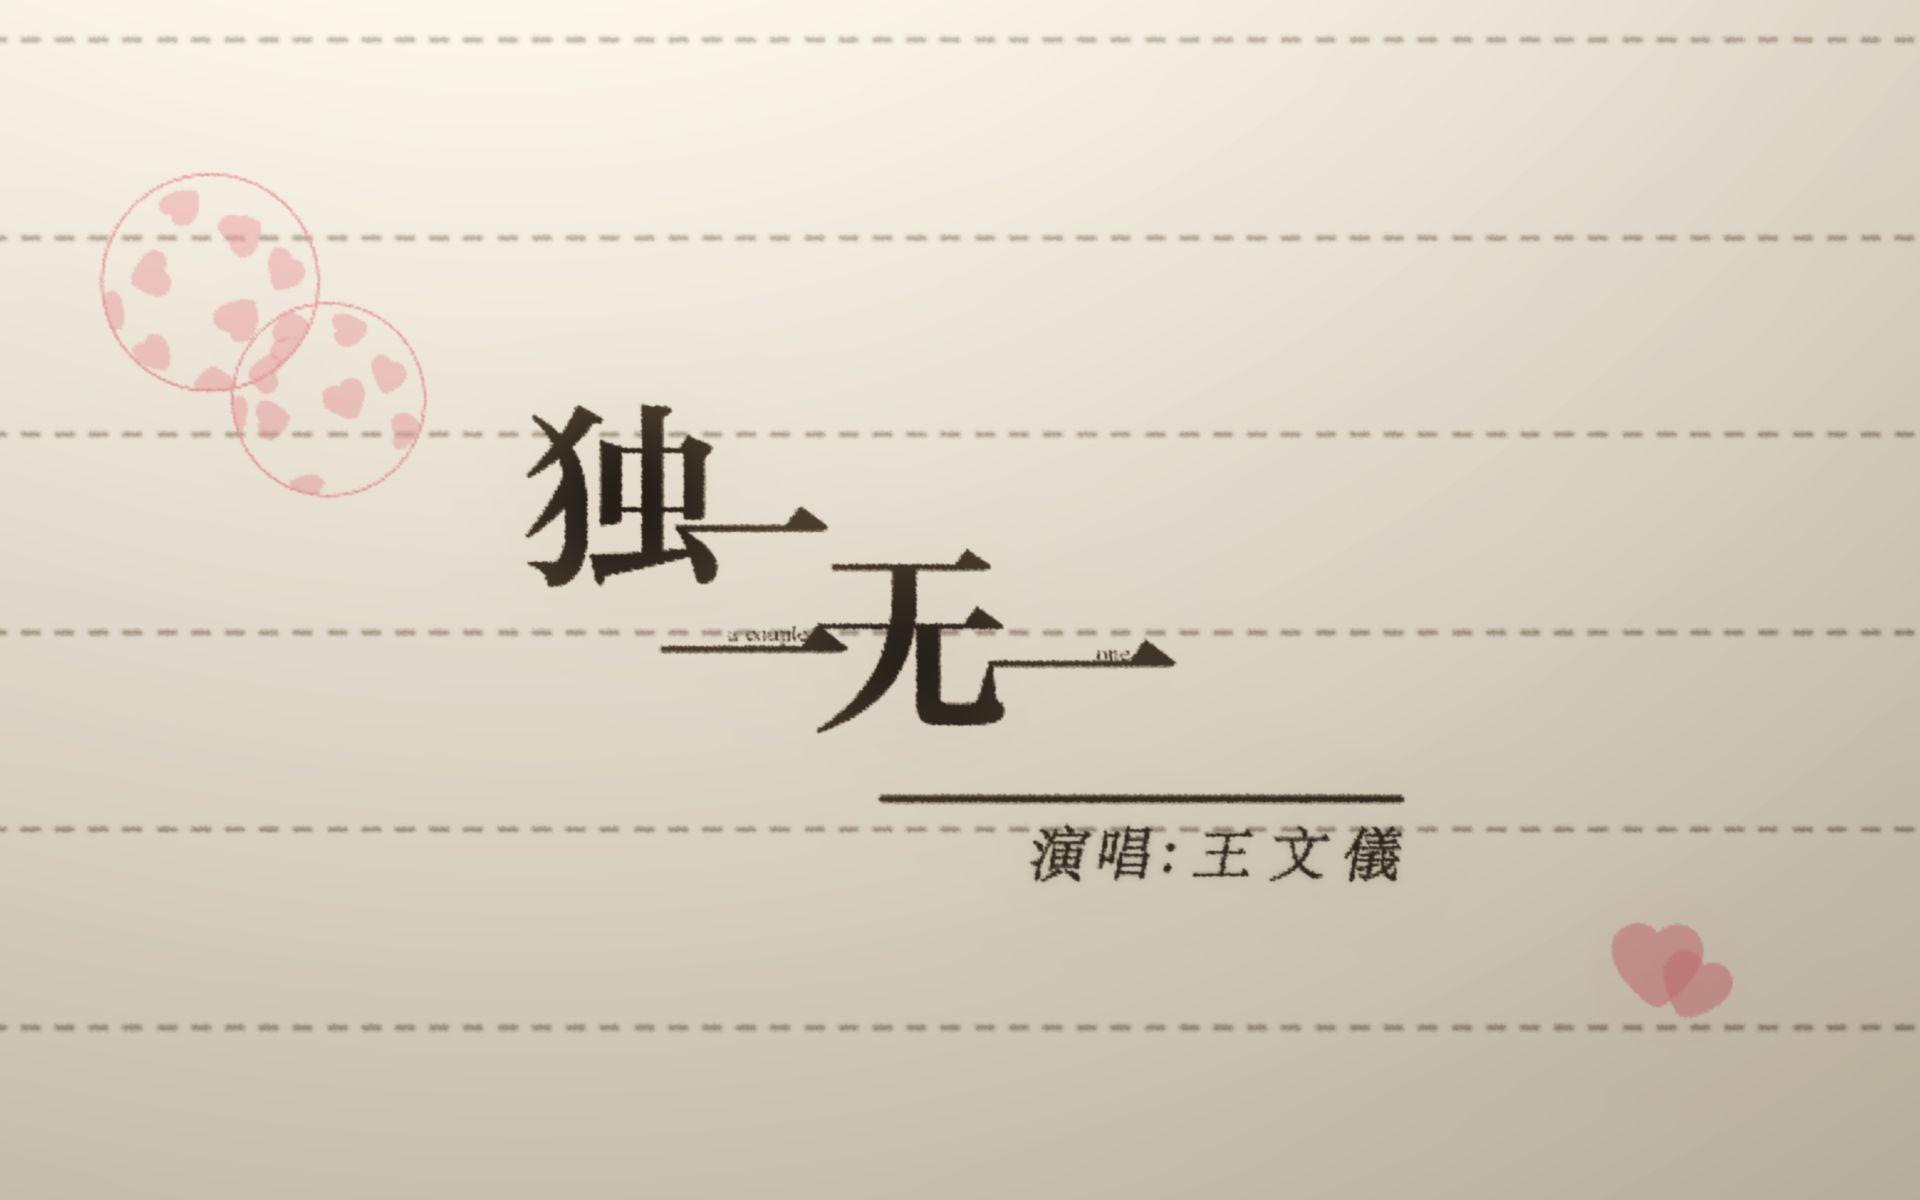 【王文仪】独二无一 「首支个人原创单曲」